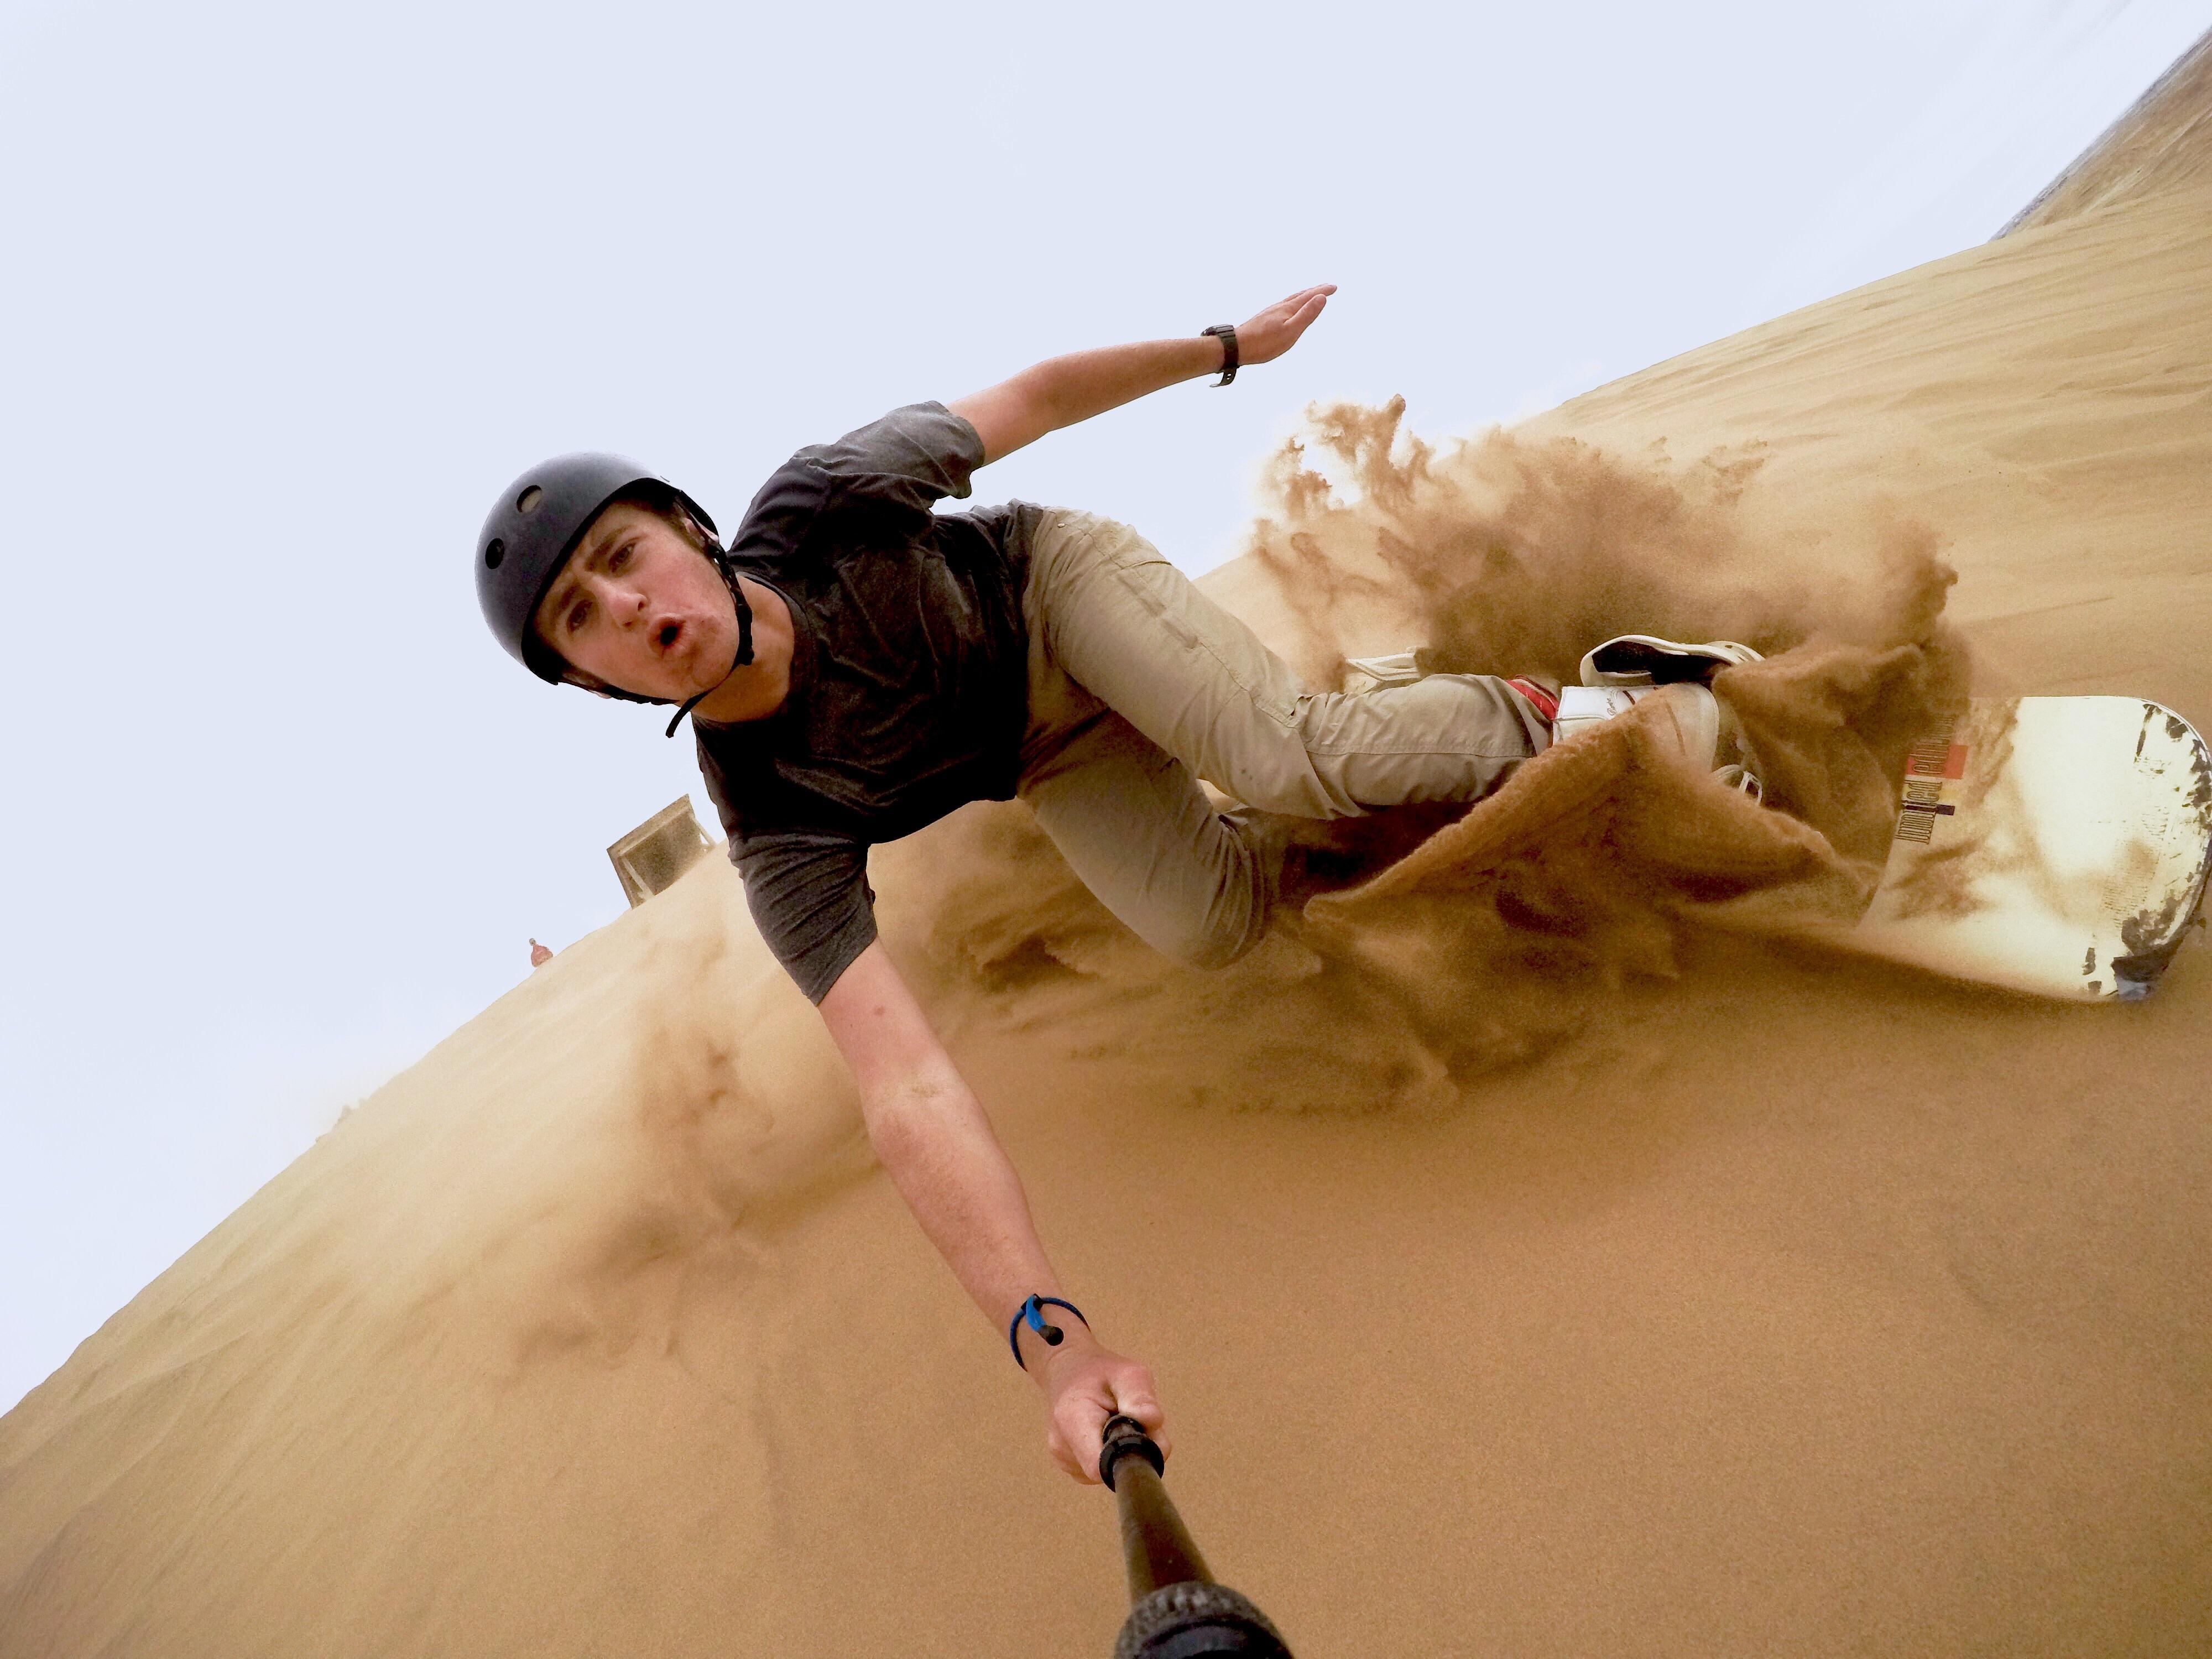 selfie stick go-pro sandboarding namib desert